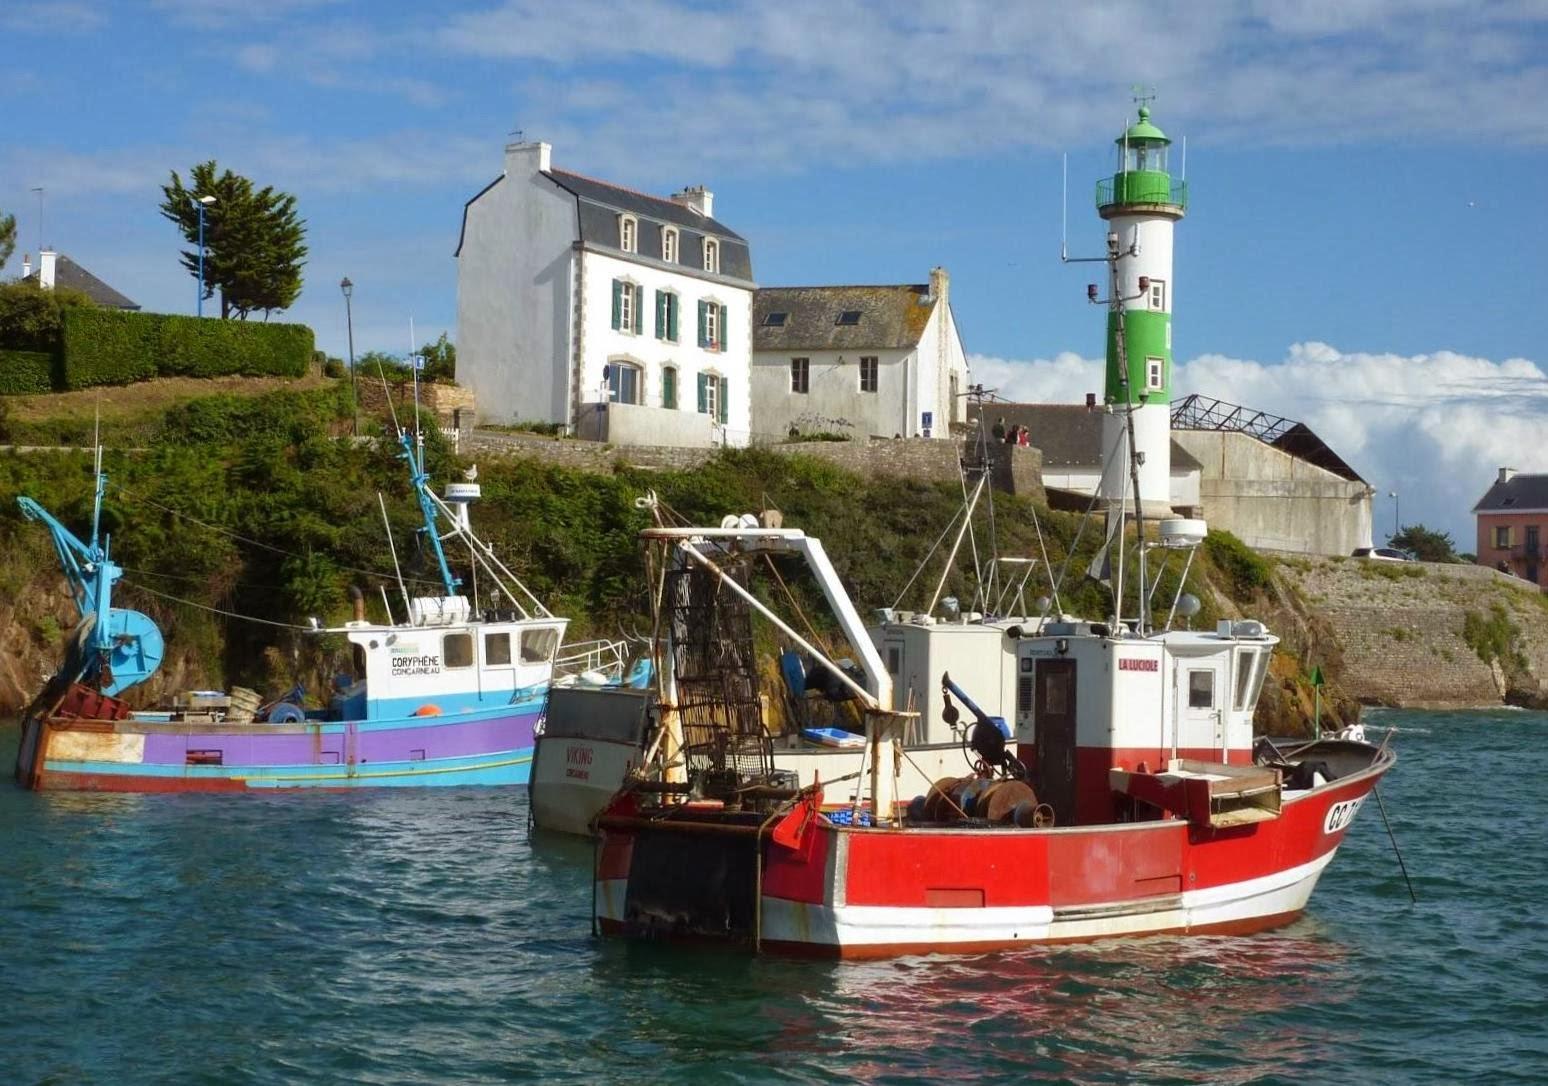 Célèbre Rétro 2013 Pêche et Aquaculture. Au passage dans l'année 2014 WI94